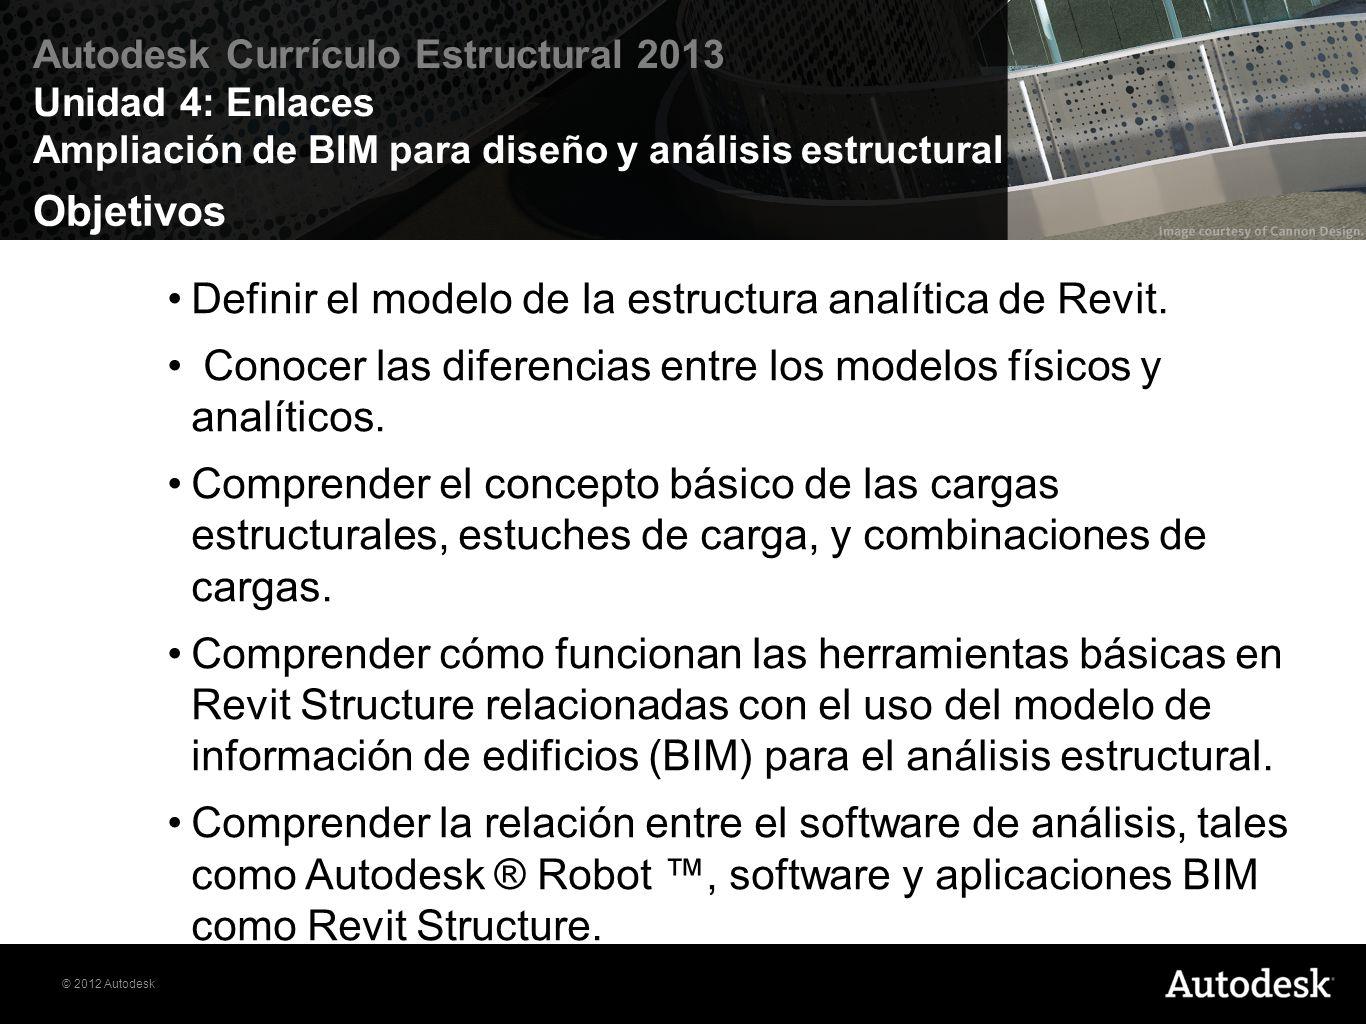 © 2012 Autodesk Autodesk Currículo Estructural 2013 Unidad 4: Enlaces Ampliación de BIM para diseño y análisis estructural Objetivos Definir el modelo